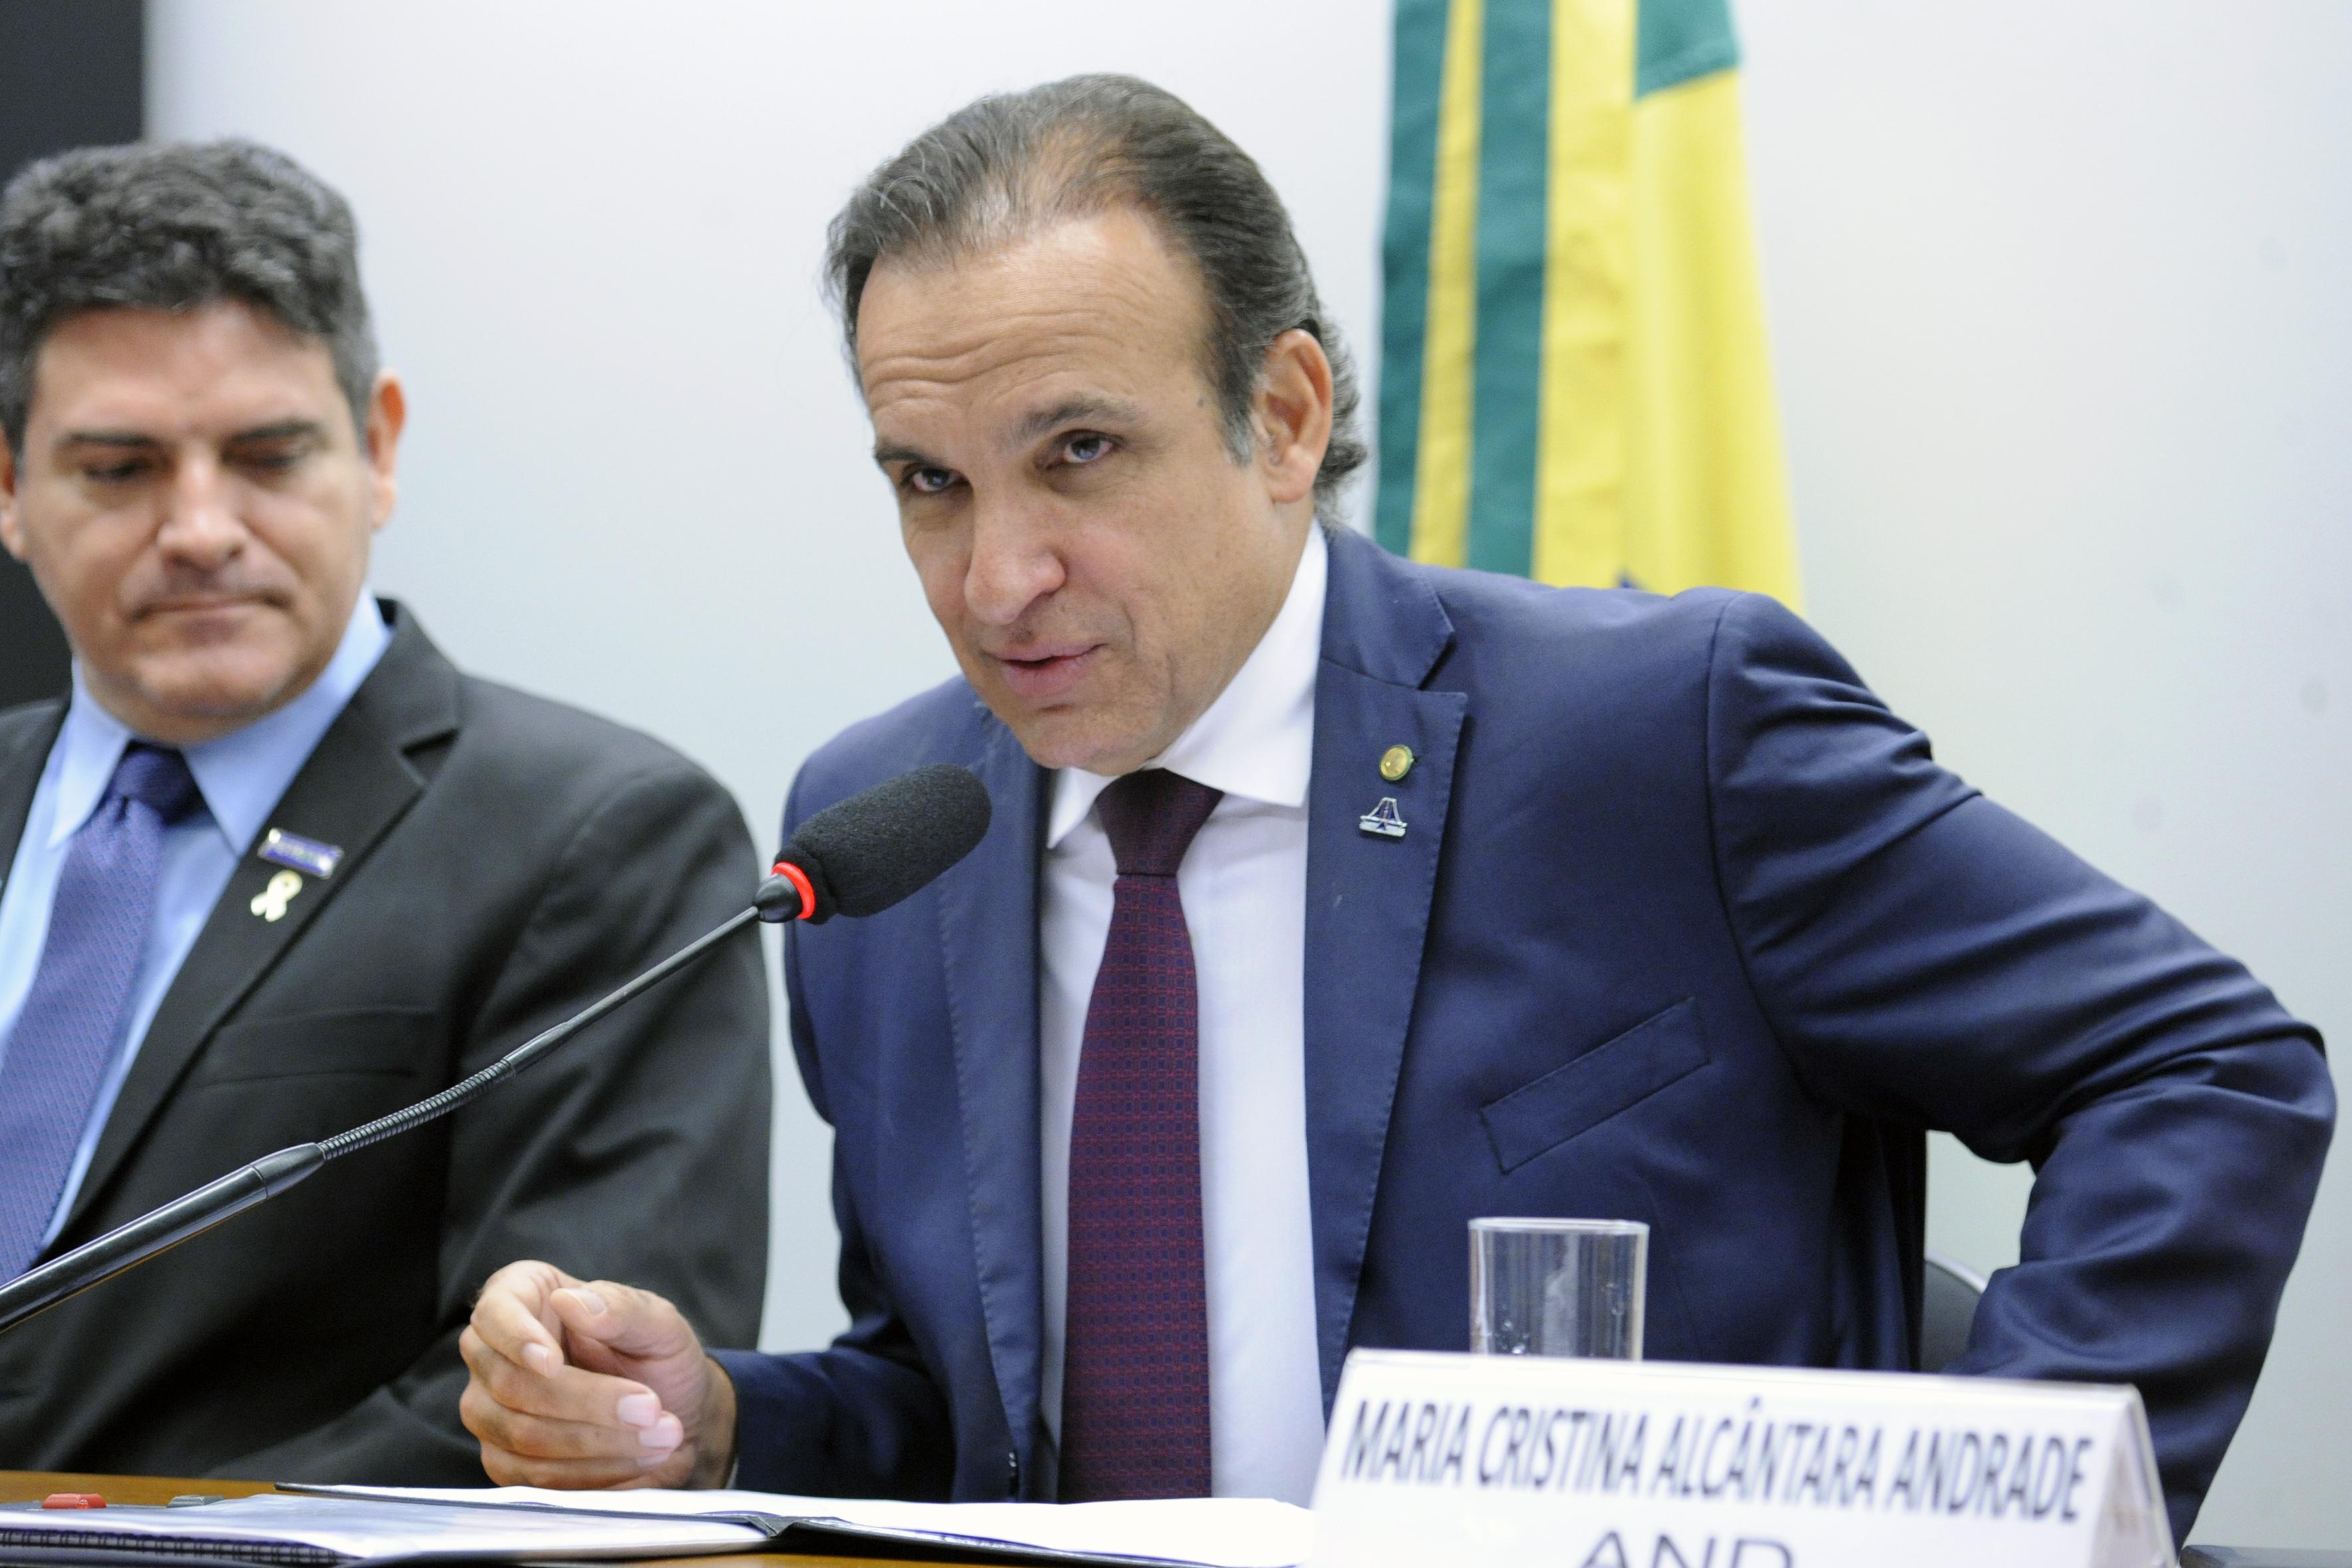 Audiência pública para promover consulta acerca da proposta de instituição, por lei, do Dia Nacional dos Agentes Públicos de Trânsito. Dep. Hugo Leal (PSD - RJ)